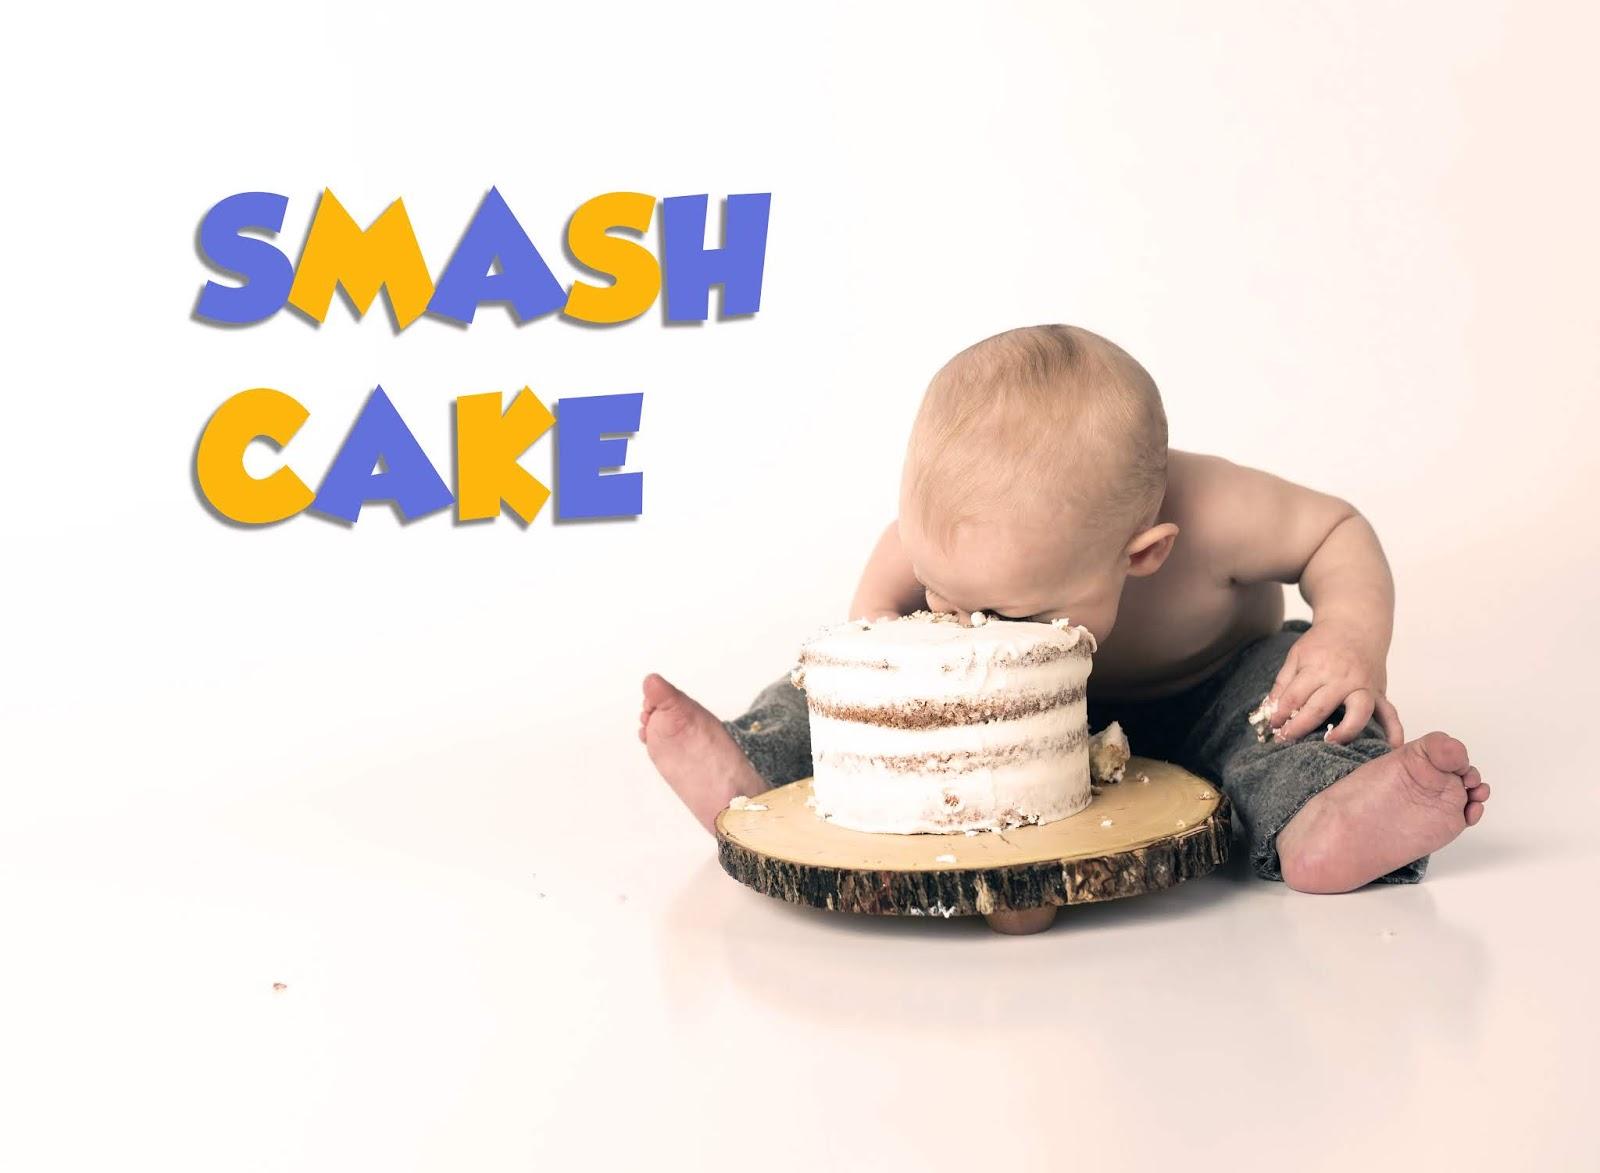 Smash Cake - Qué es, cómo se hace y algunas ideas.